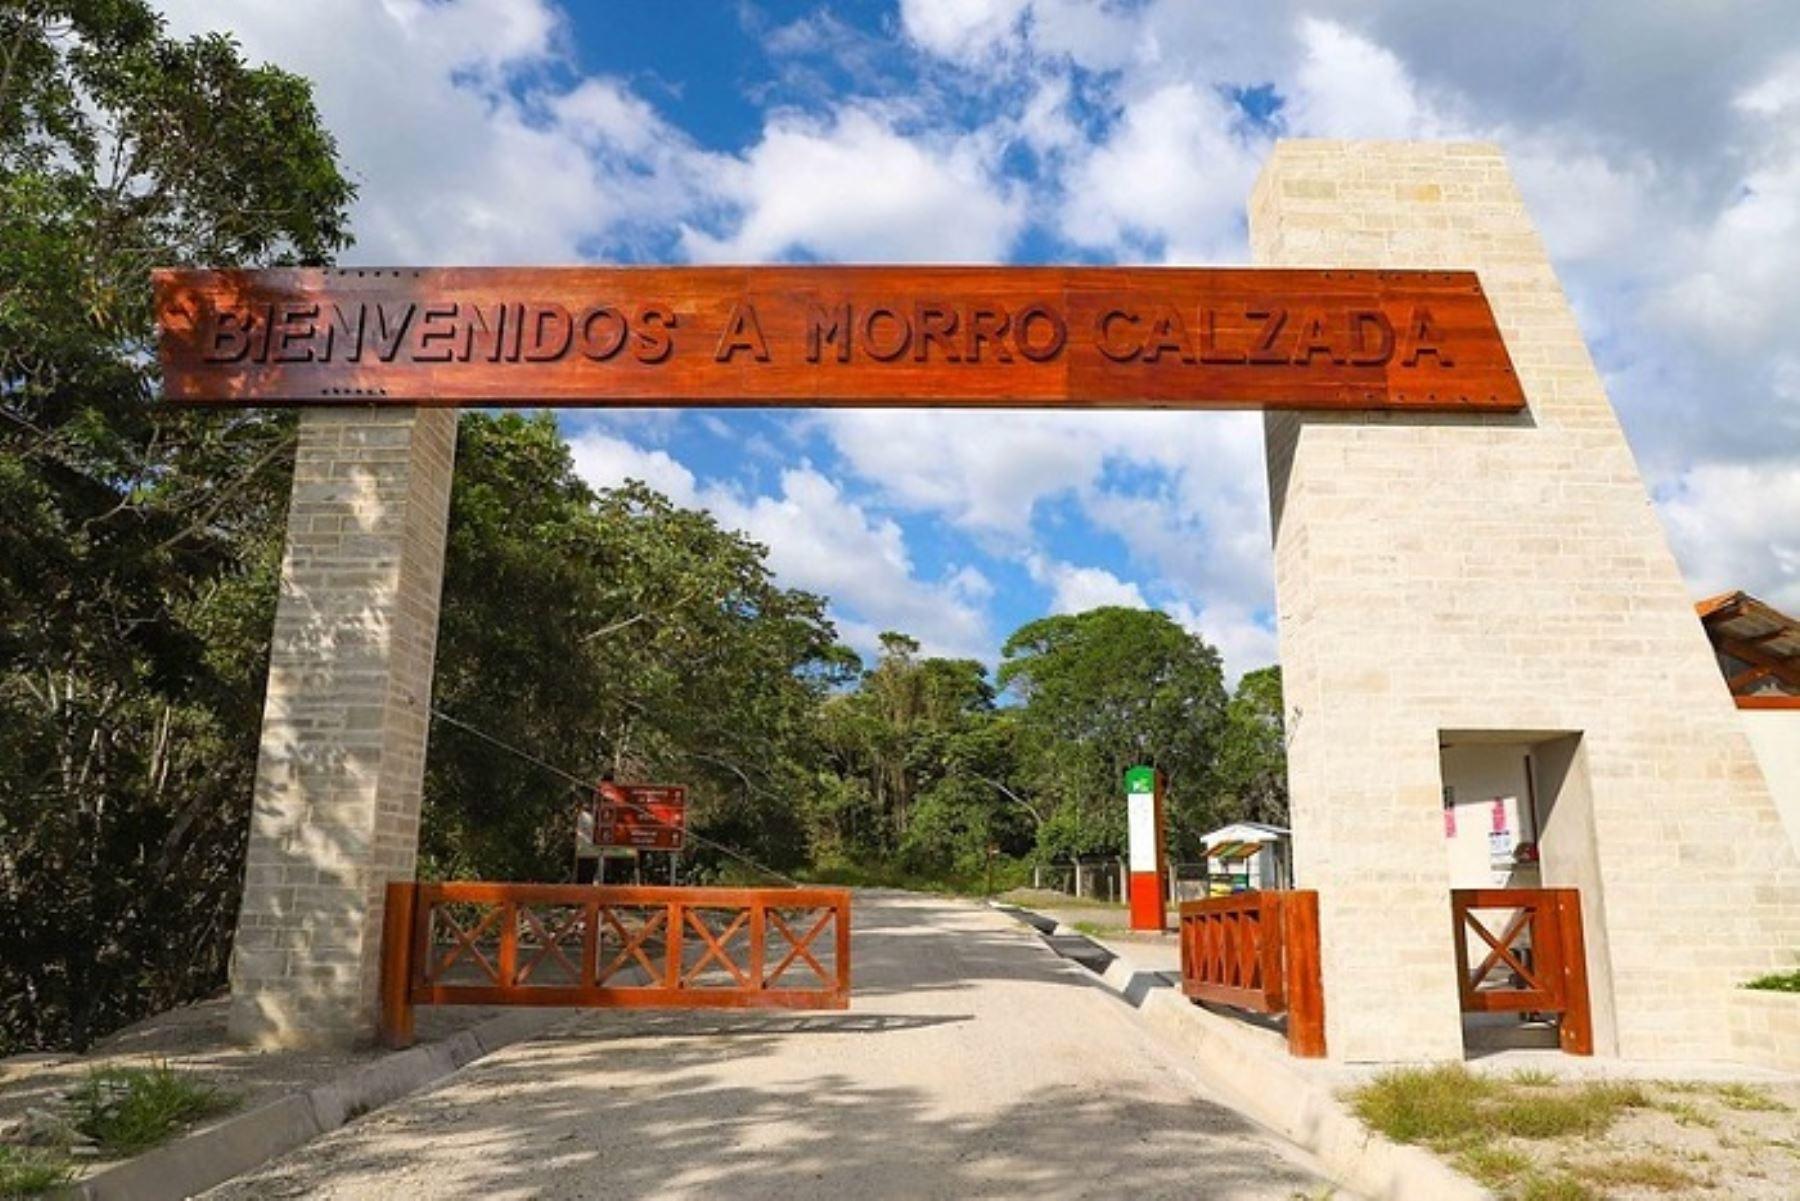 Se prevé que las nuevas obras en Morro de Calzada beneficiarán a más de 194,000 turistas nacionales y extranjeros que llegan a esa zona.